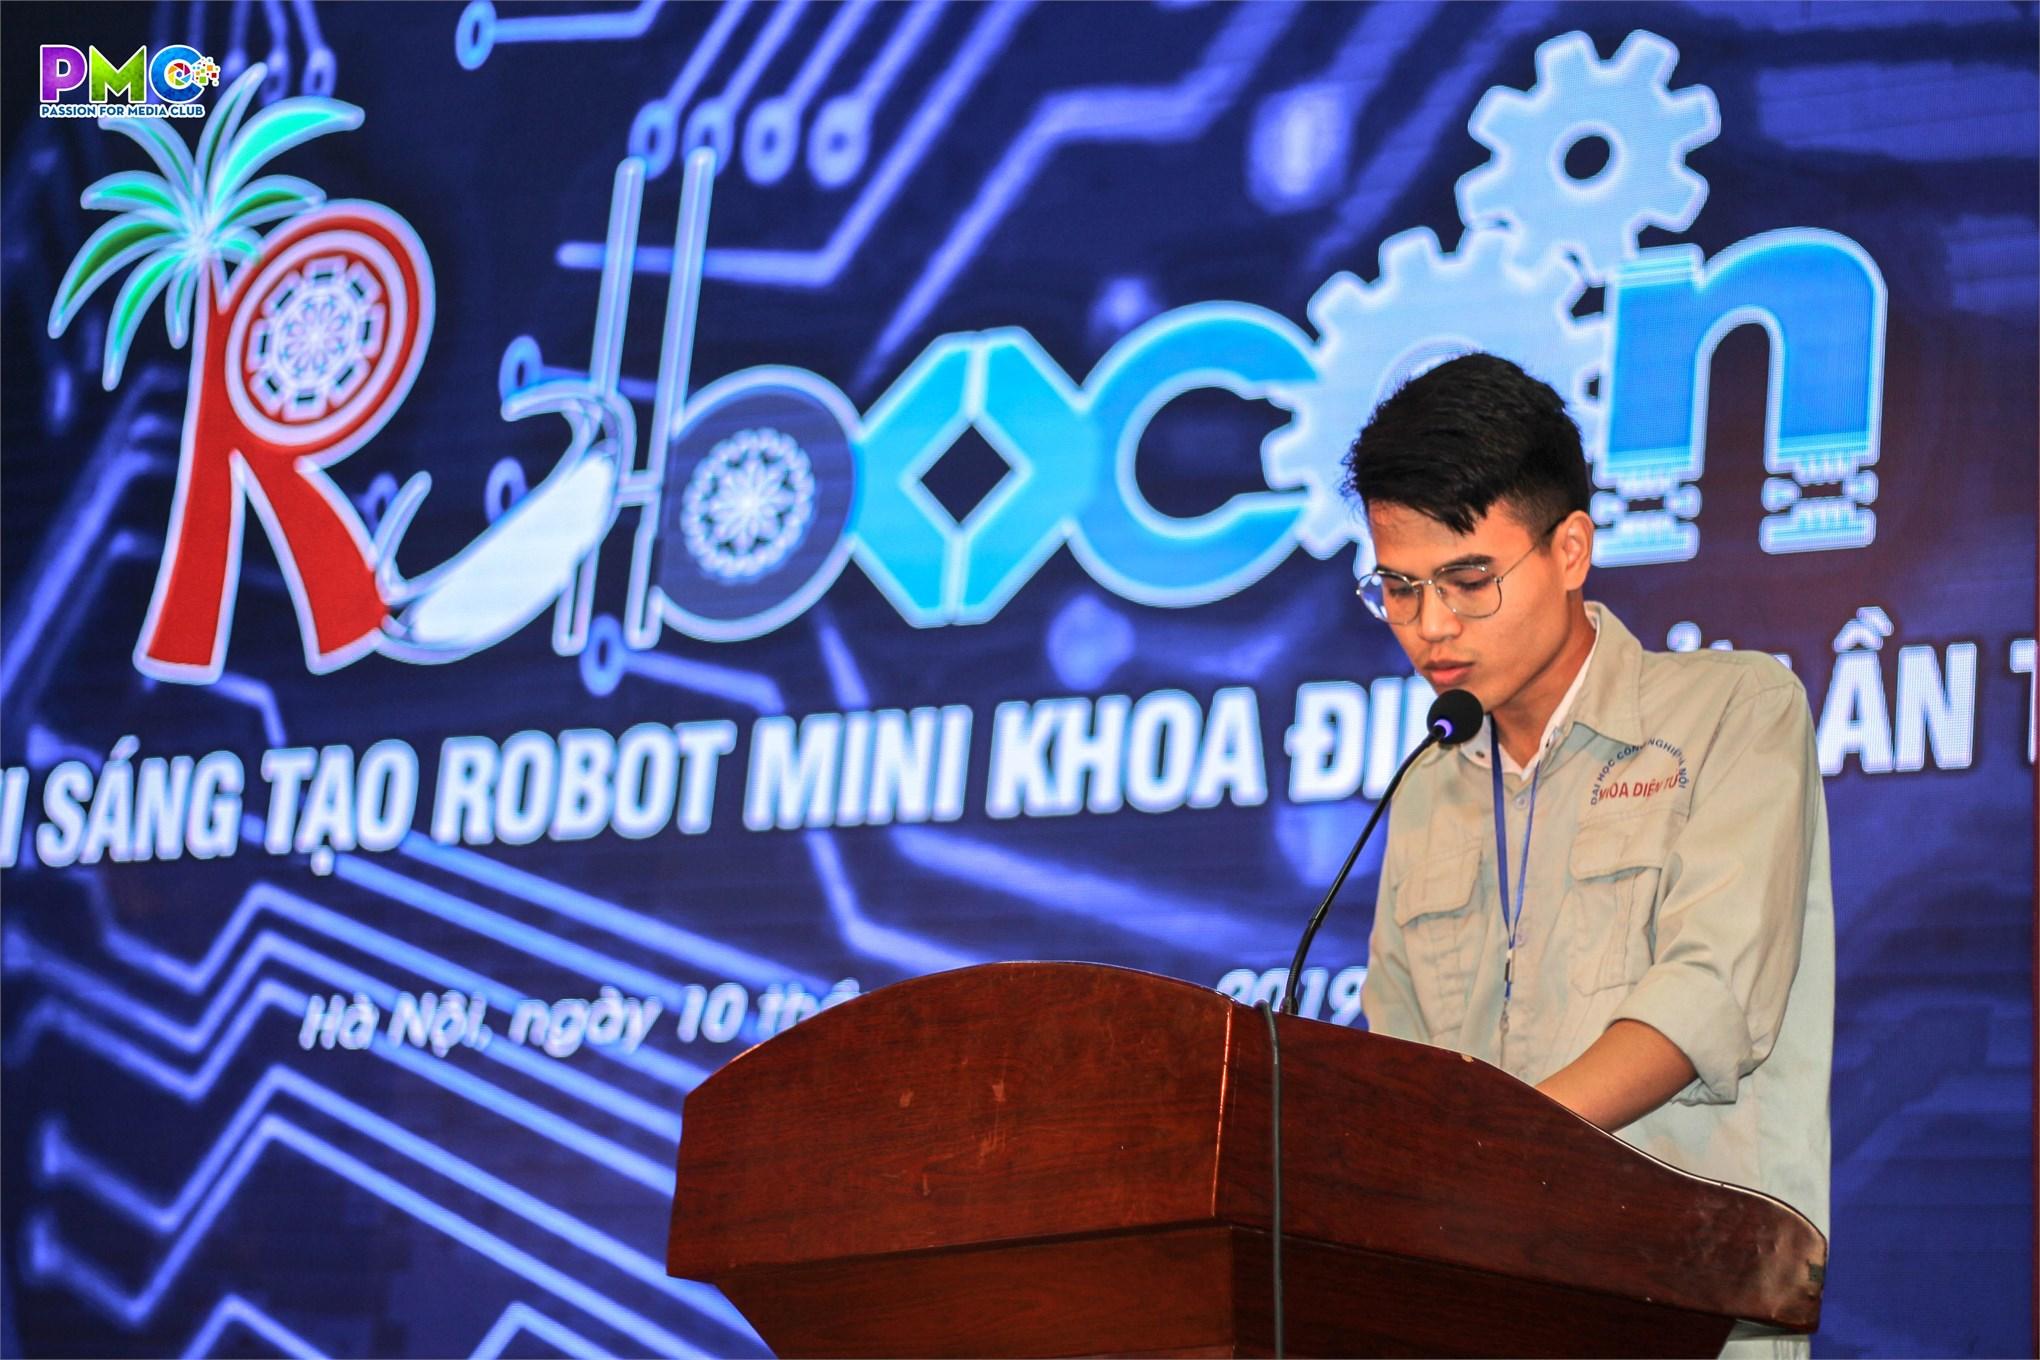 18 đội tham gia tranh tài tại cuộc thi sáng tạo robot mini khoa điện tử năm 2019